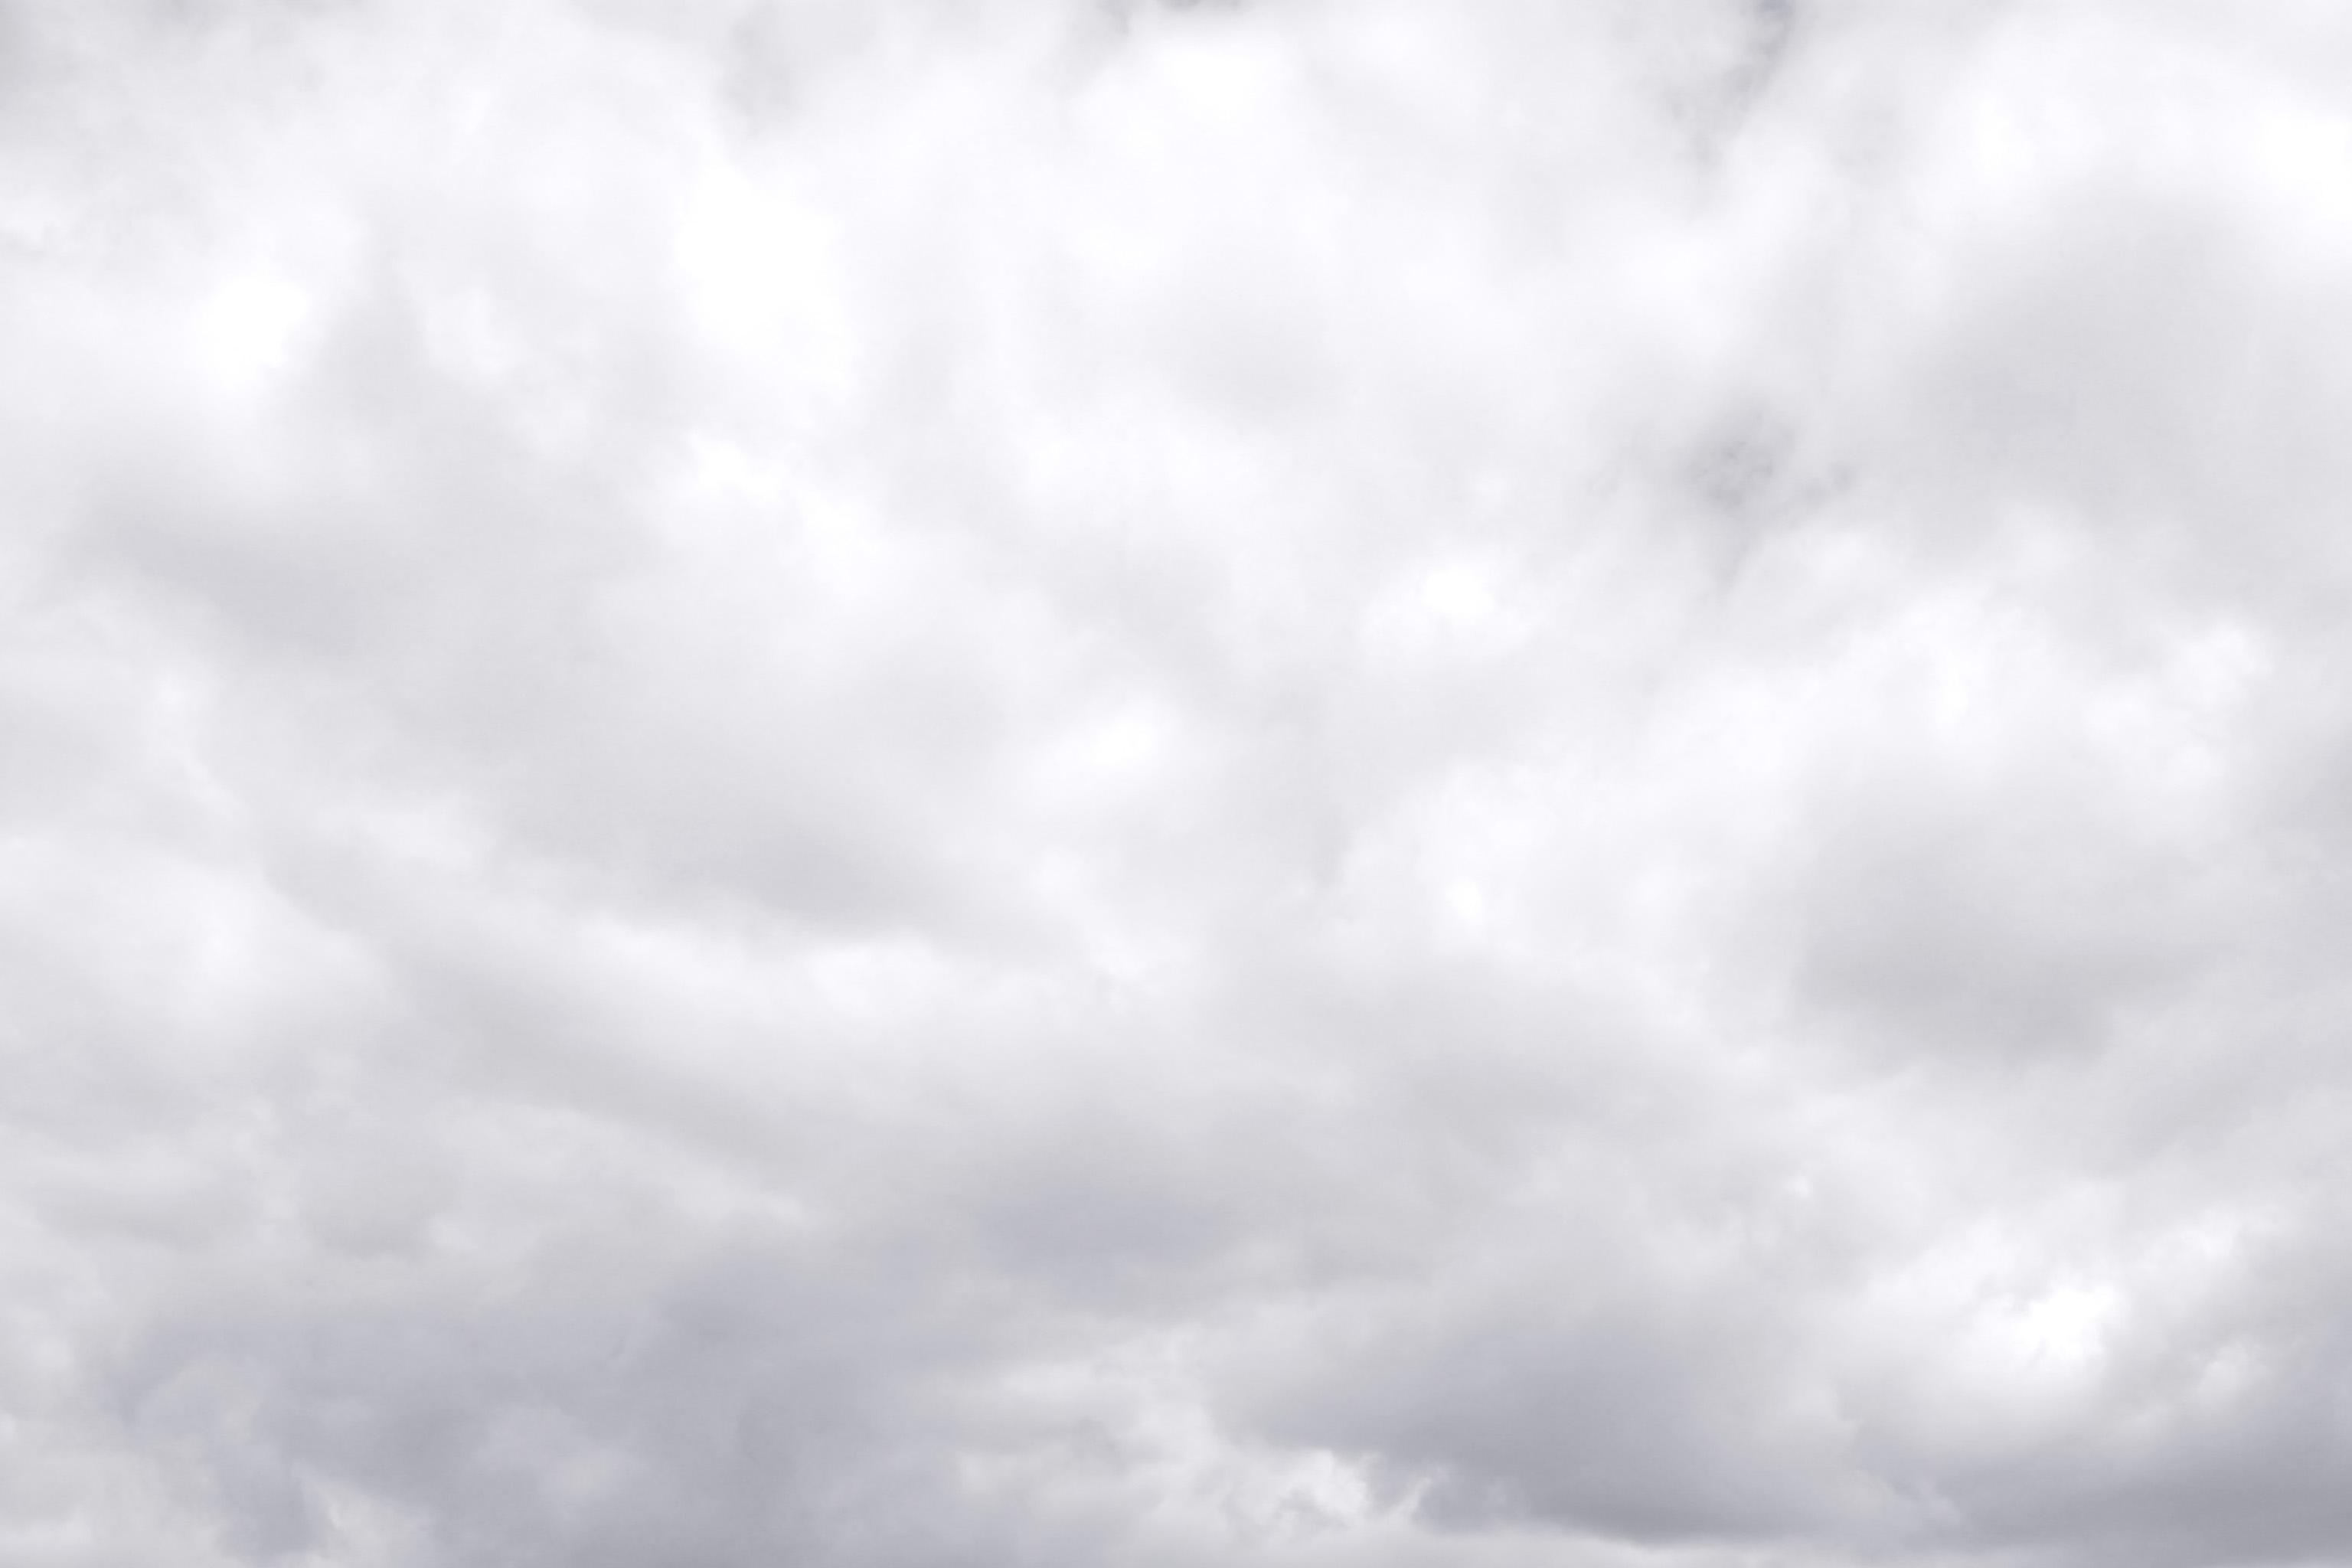 雲の画像 Free Photos L/RGB/JPEG/350dpi